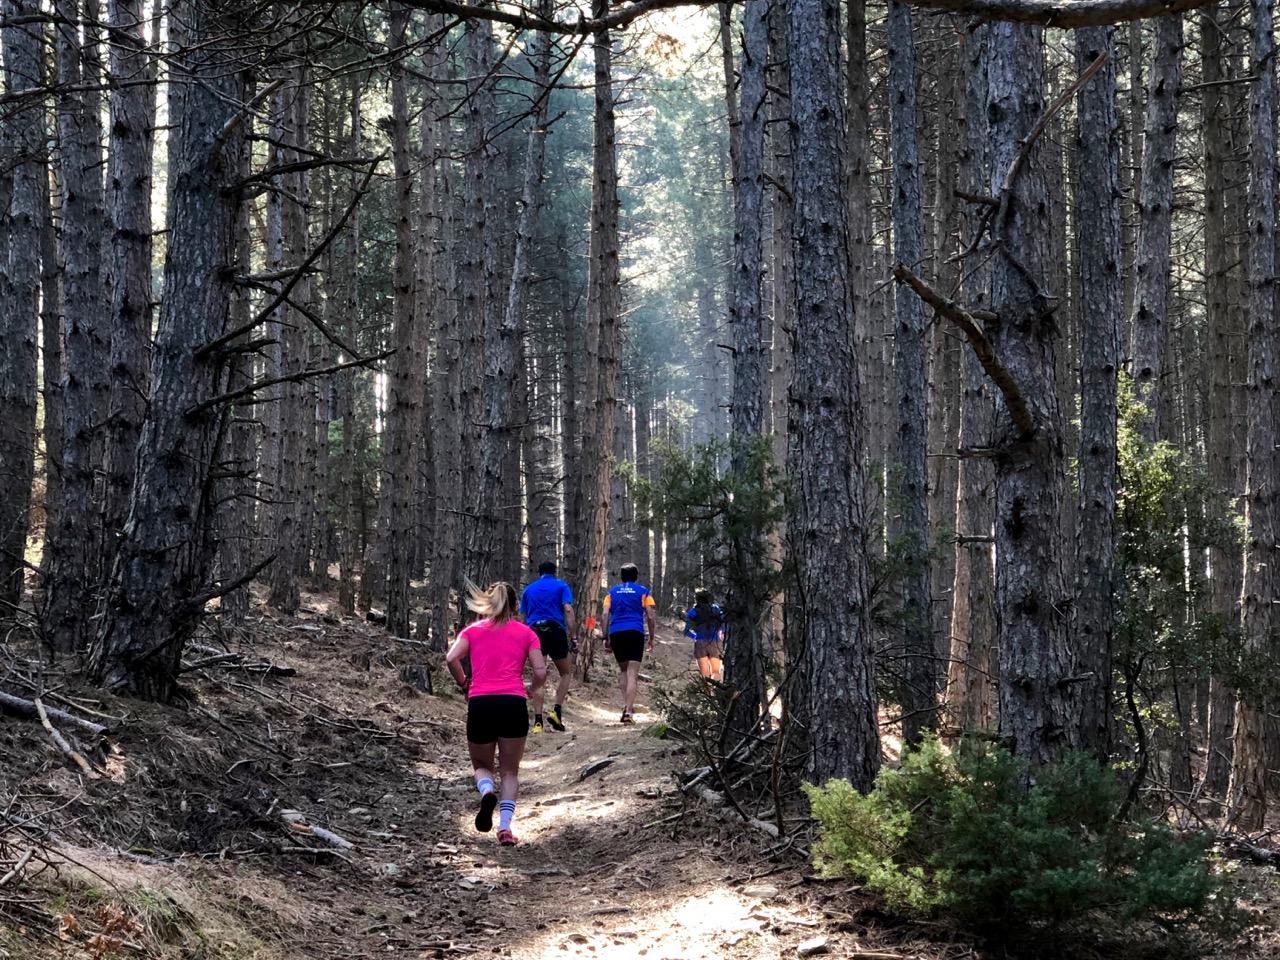 Χορτιάτης Trail Run 2019